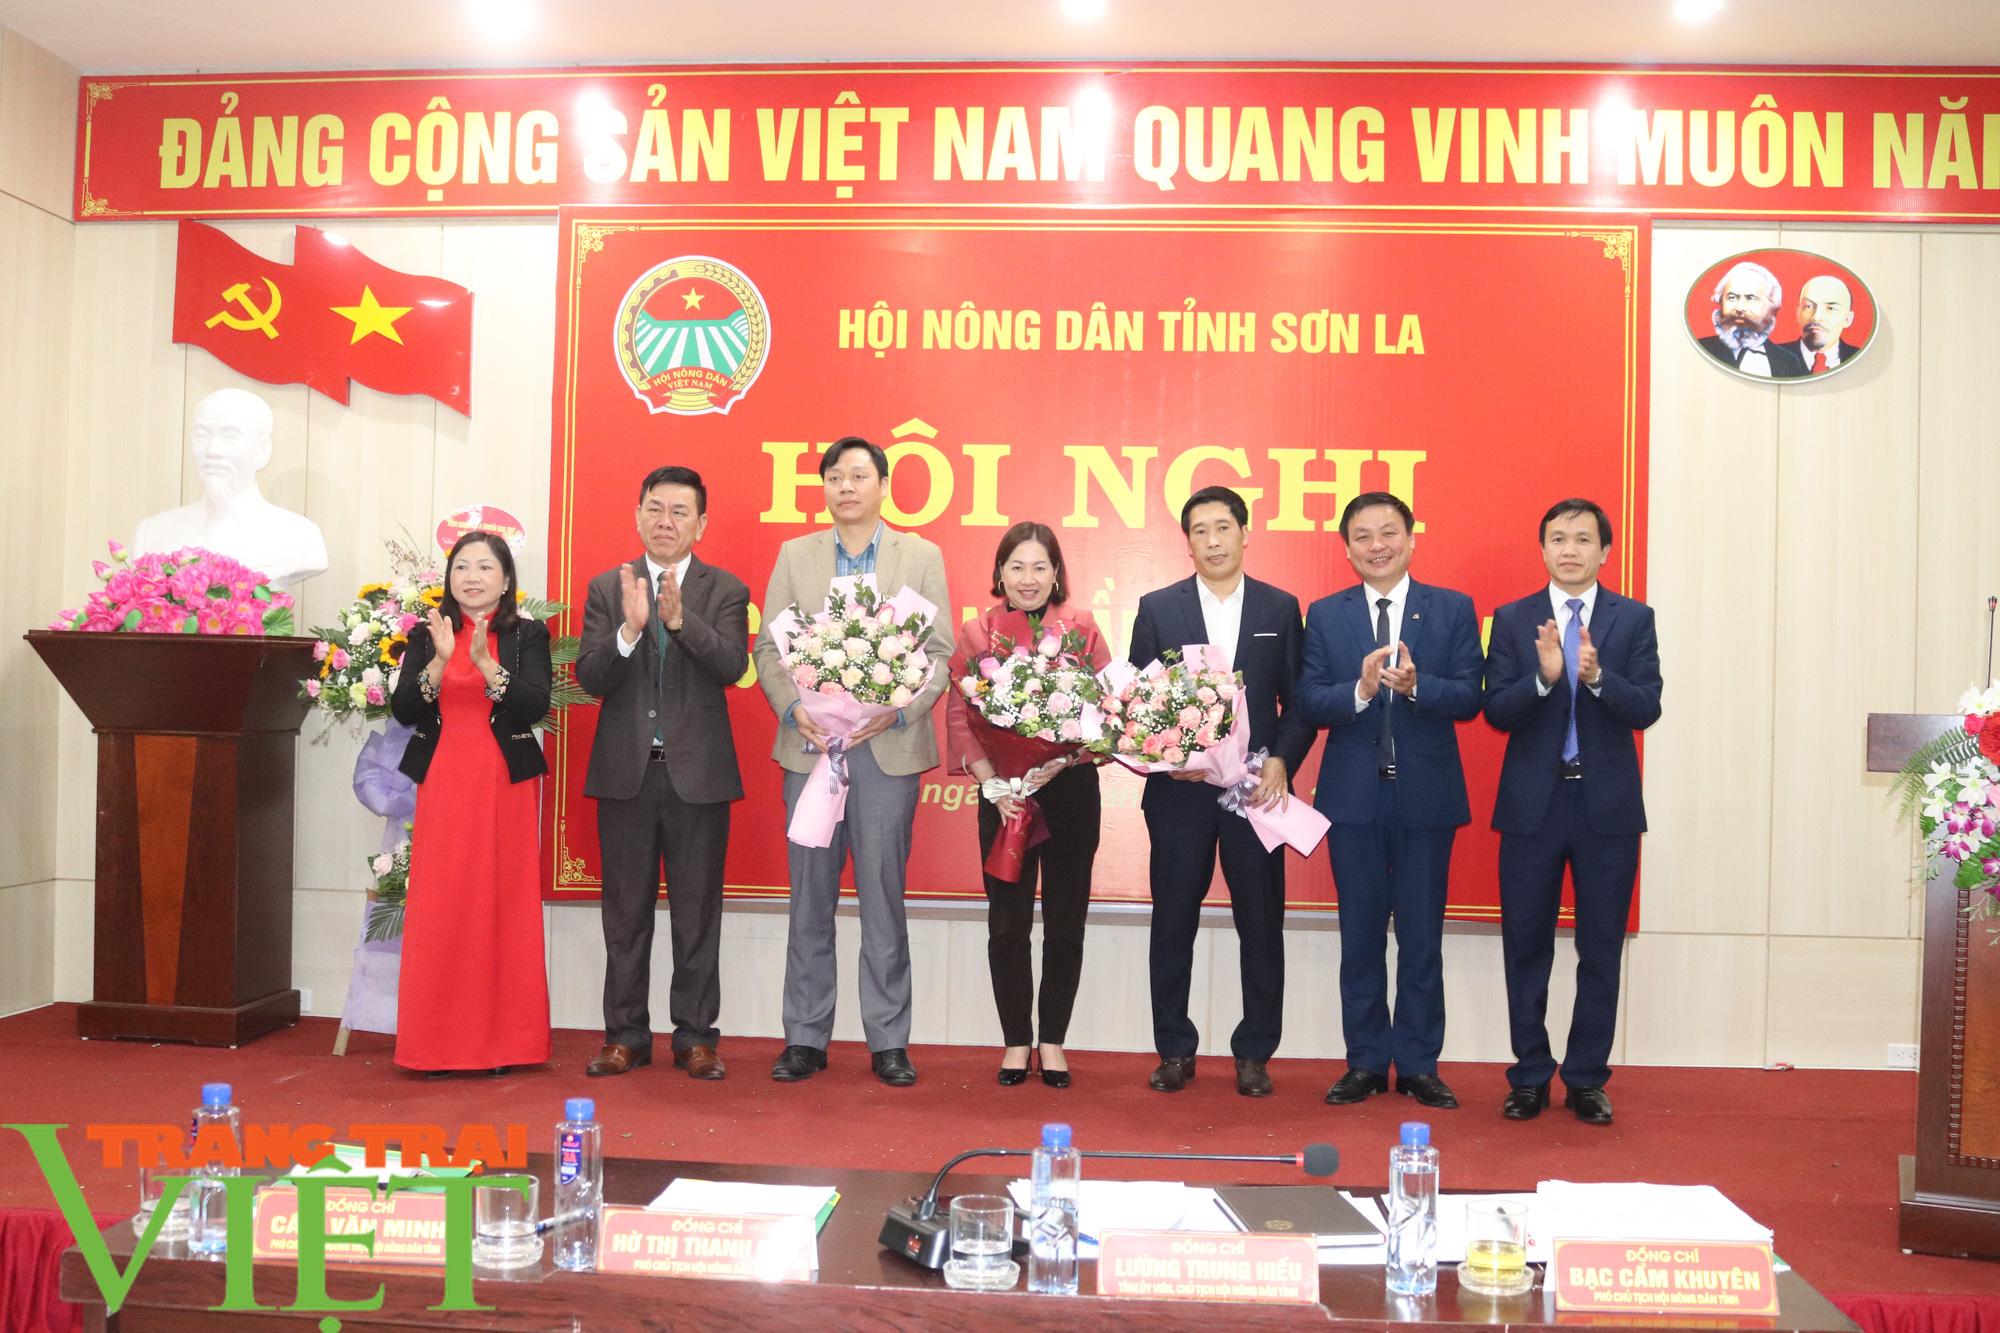 Hội Nông dân tỉnh Sơn La tổ chức Hội nghị Ban Chấp hành Hội Nông dân lần thứ 9, khoá IX - Ảnh 5.